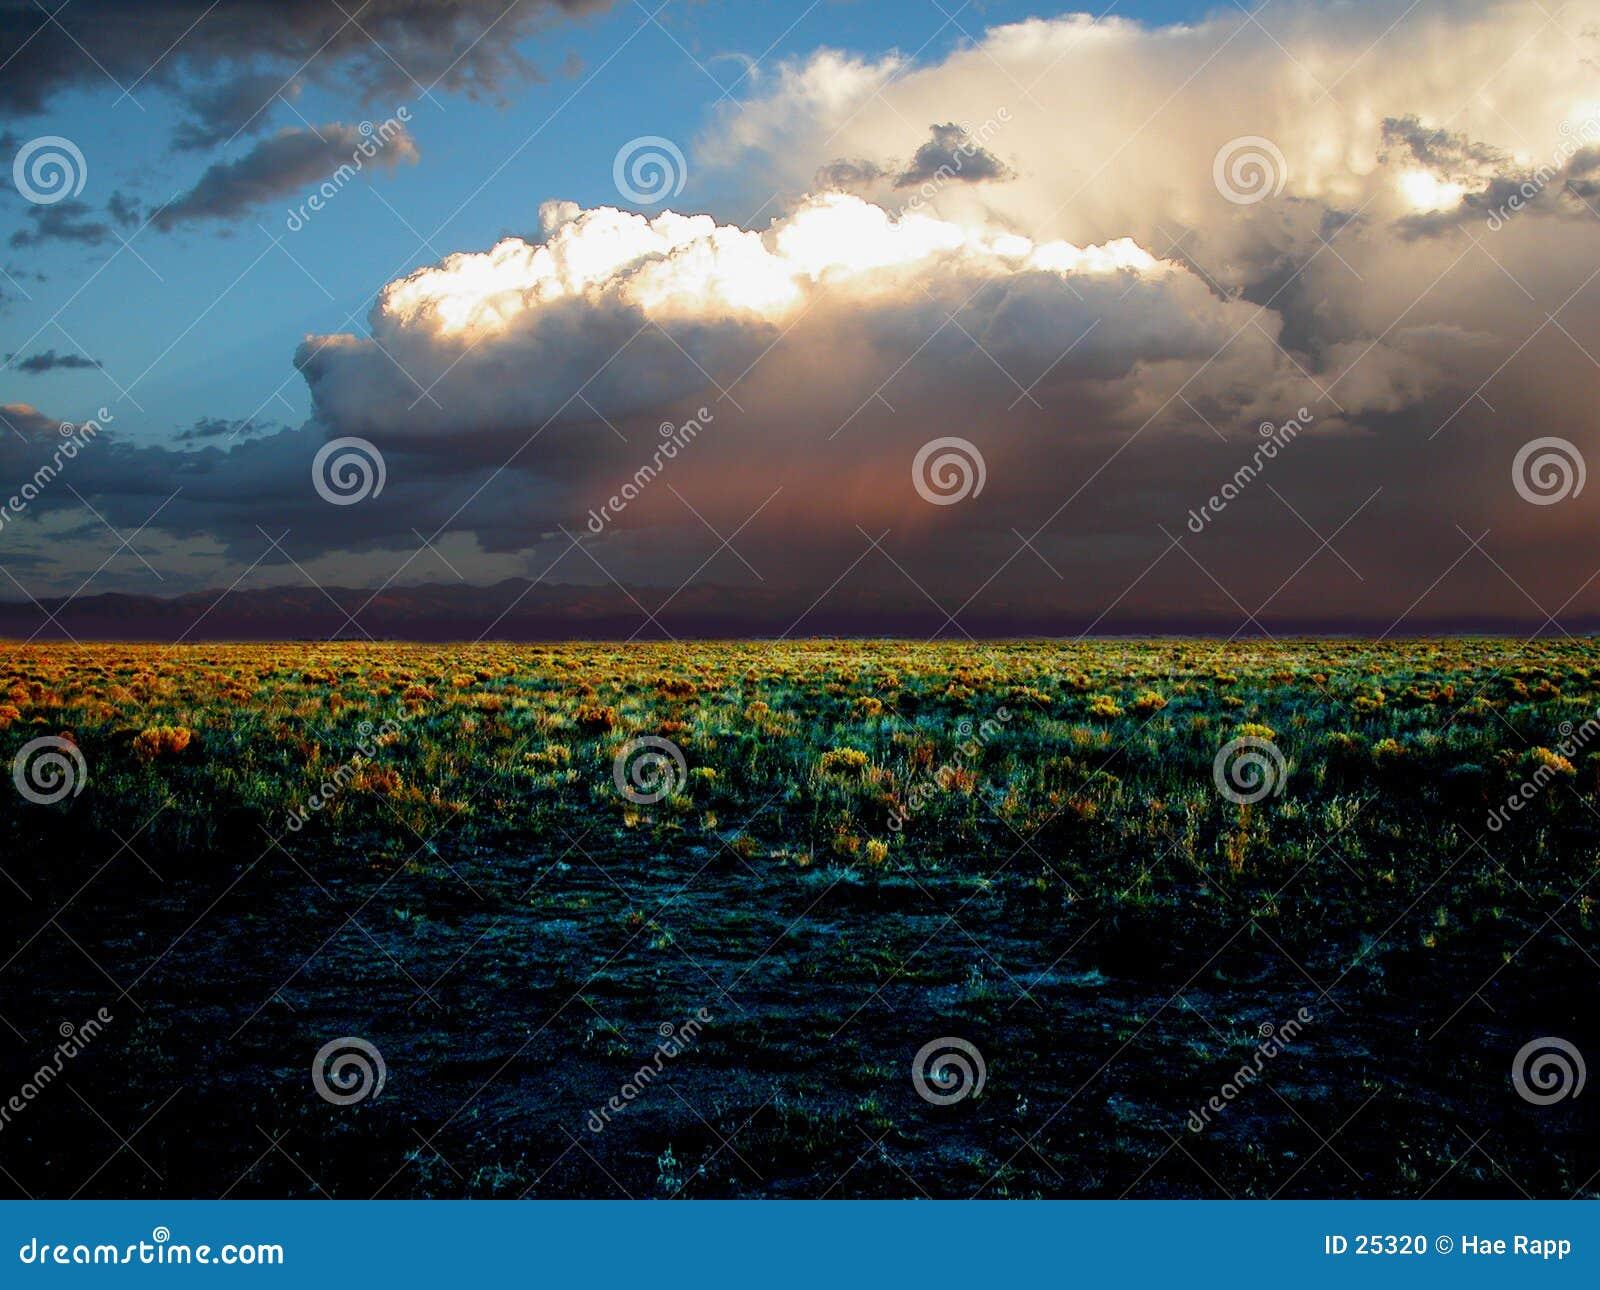 Download El campo foto de archivo. Imagen de desierto, paisajes, nube - 25320